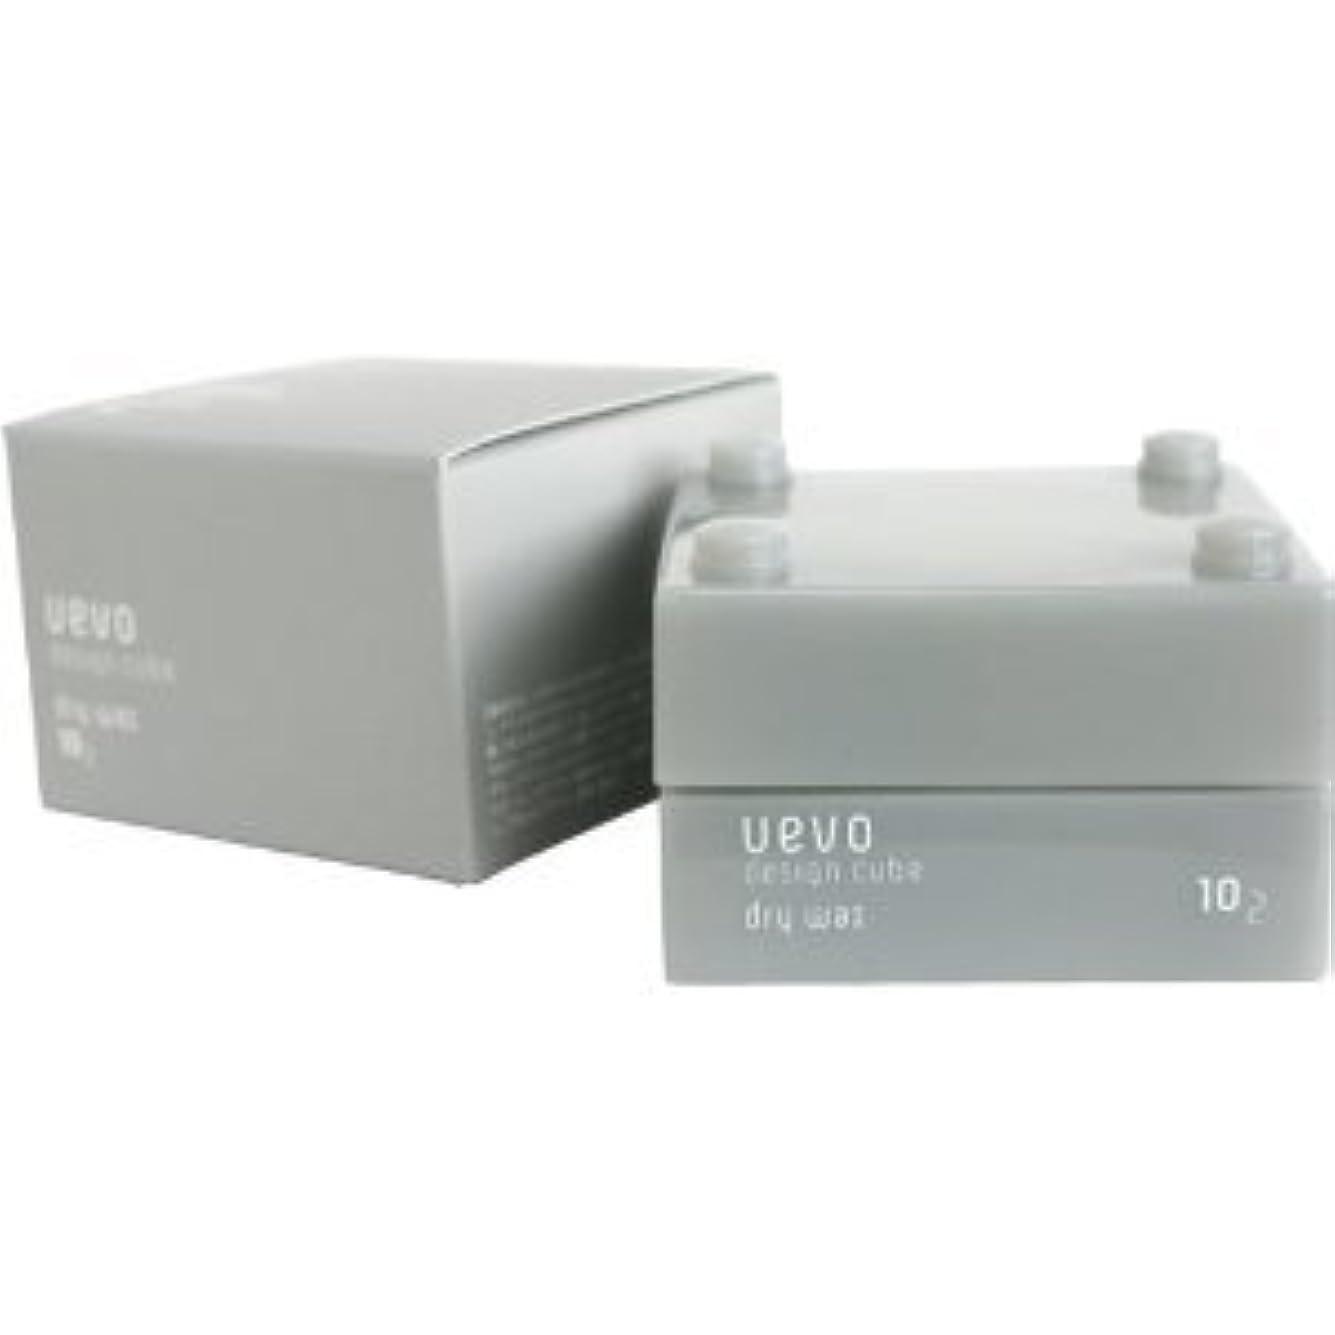 スペインちらつきパブ【X3個セット】 デミ ウェーボ デザインキューブ ドライワックス 30g dry wax DEMI uevo design cube